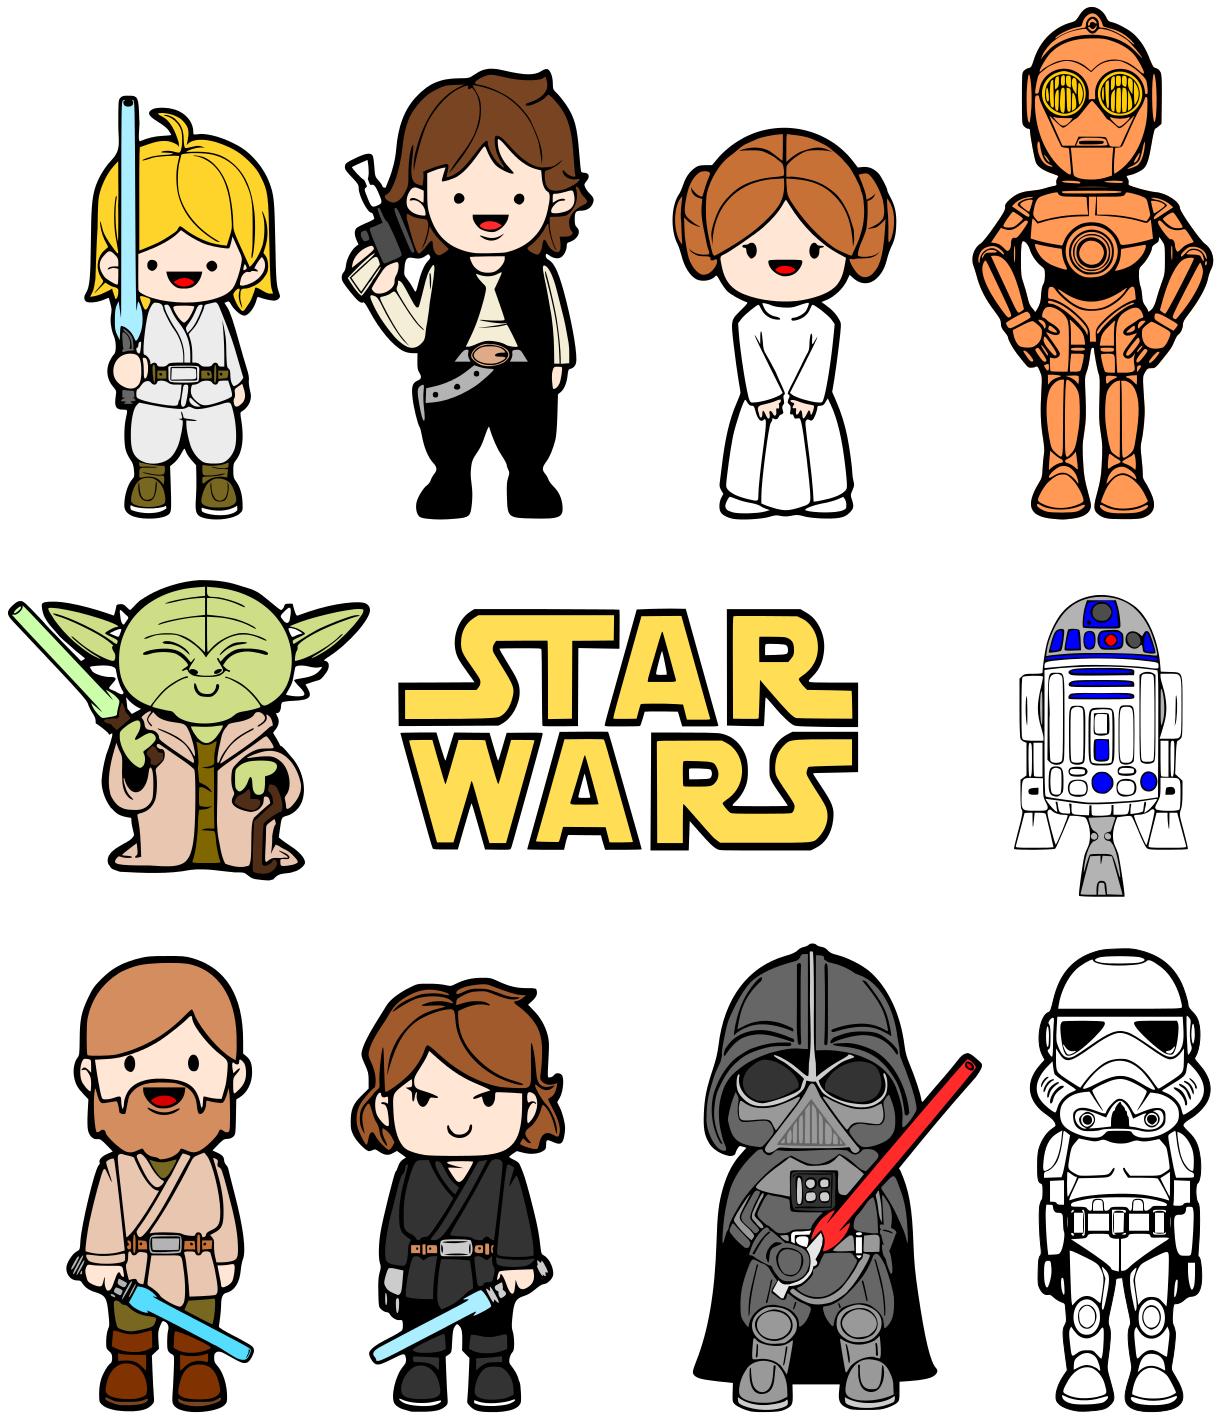 Best Star Wars Clip Art 5533 Star wars images, Star